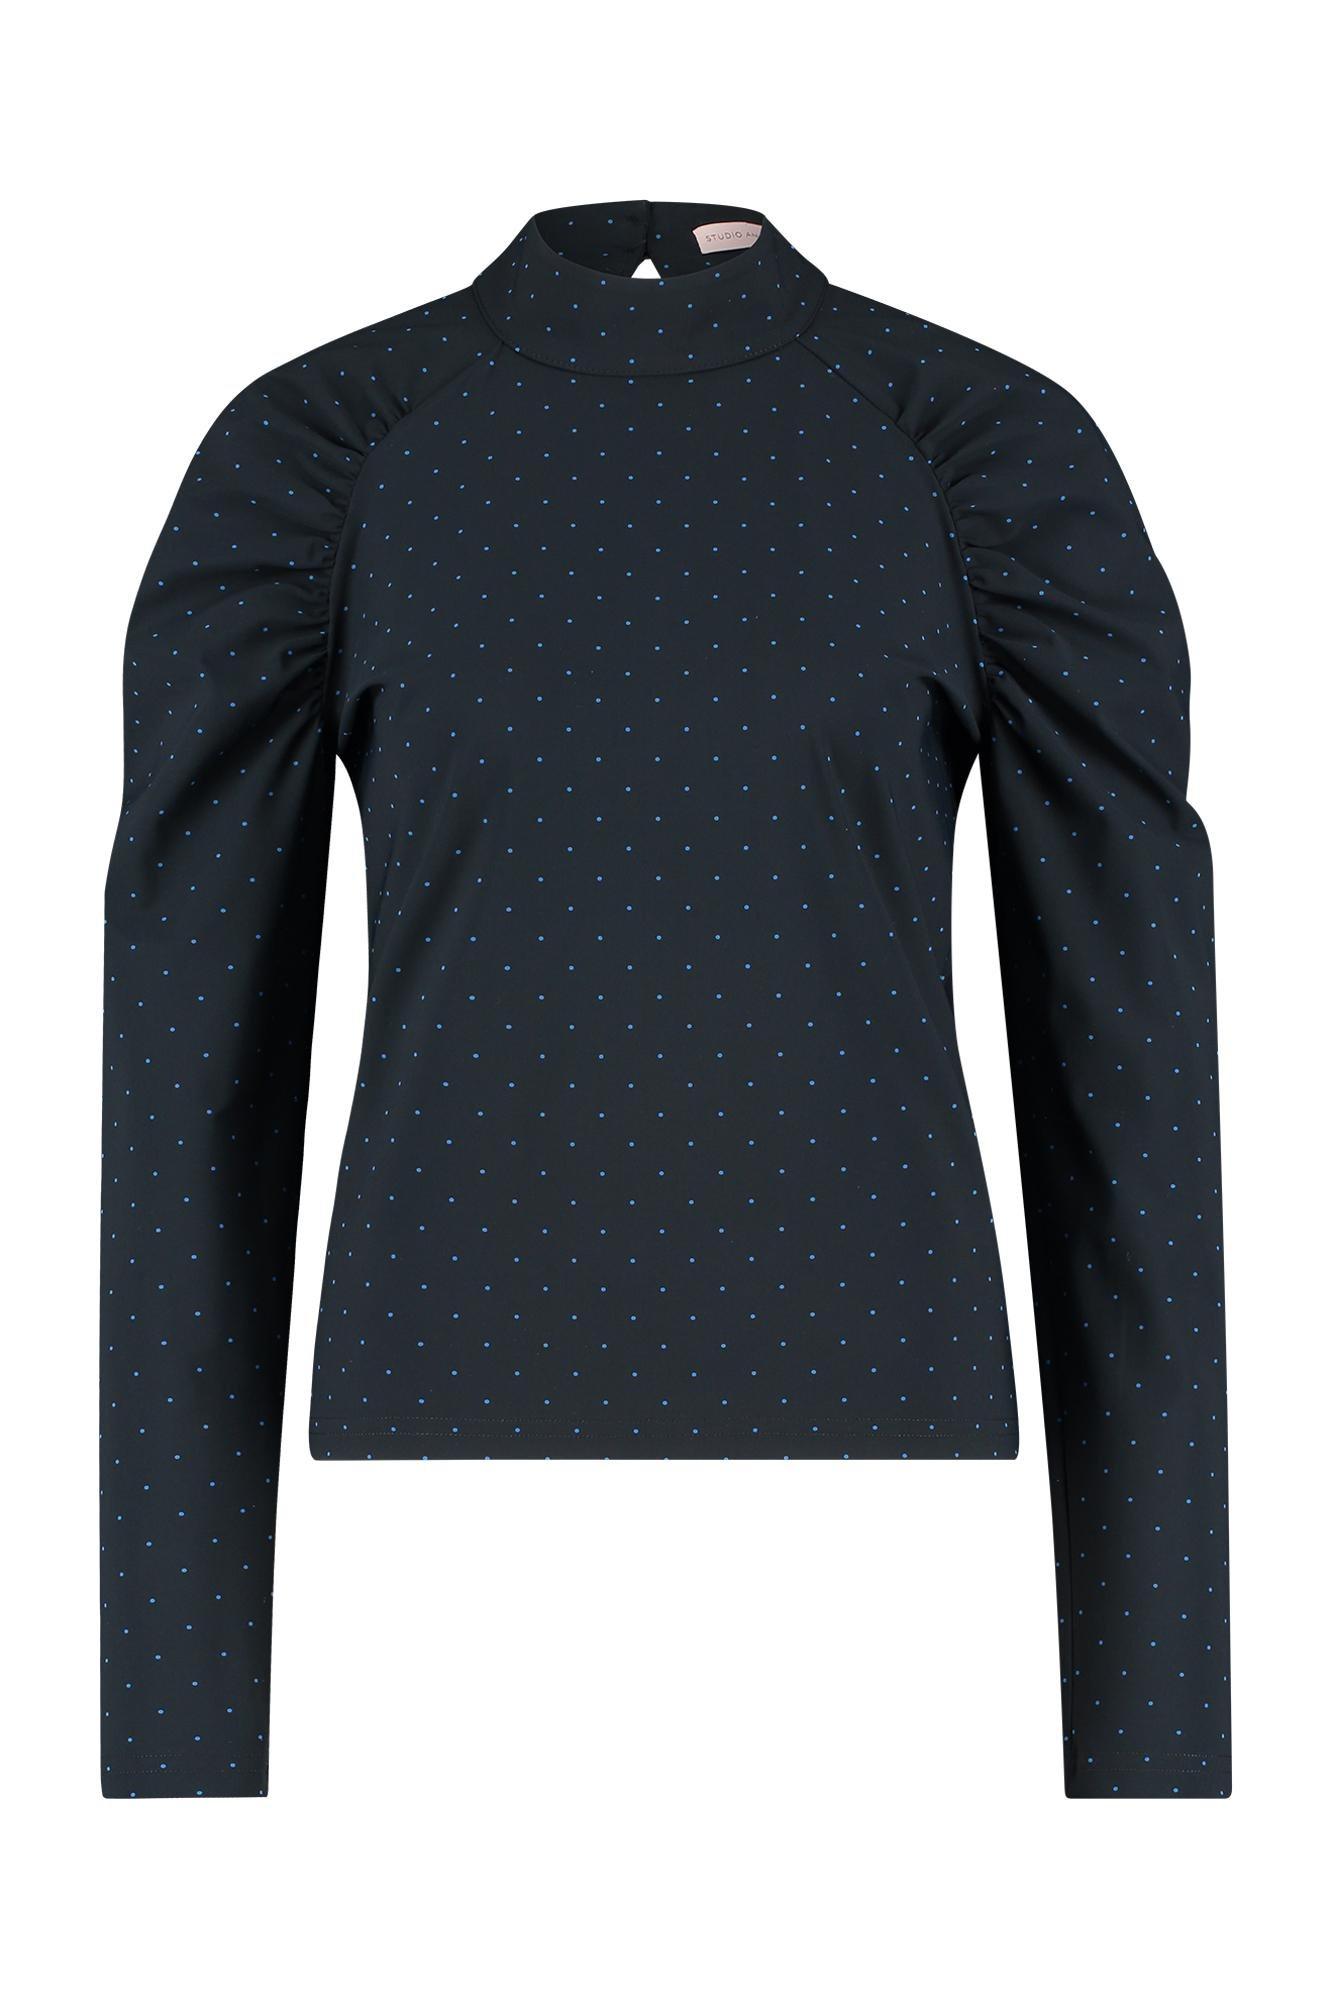 Argo dot shirt